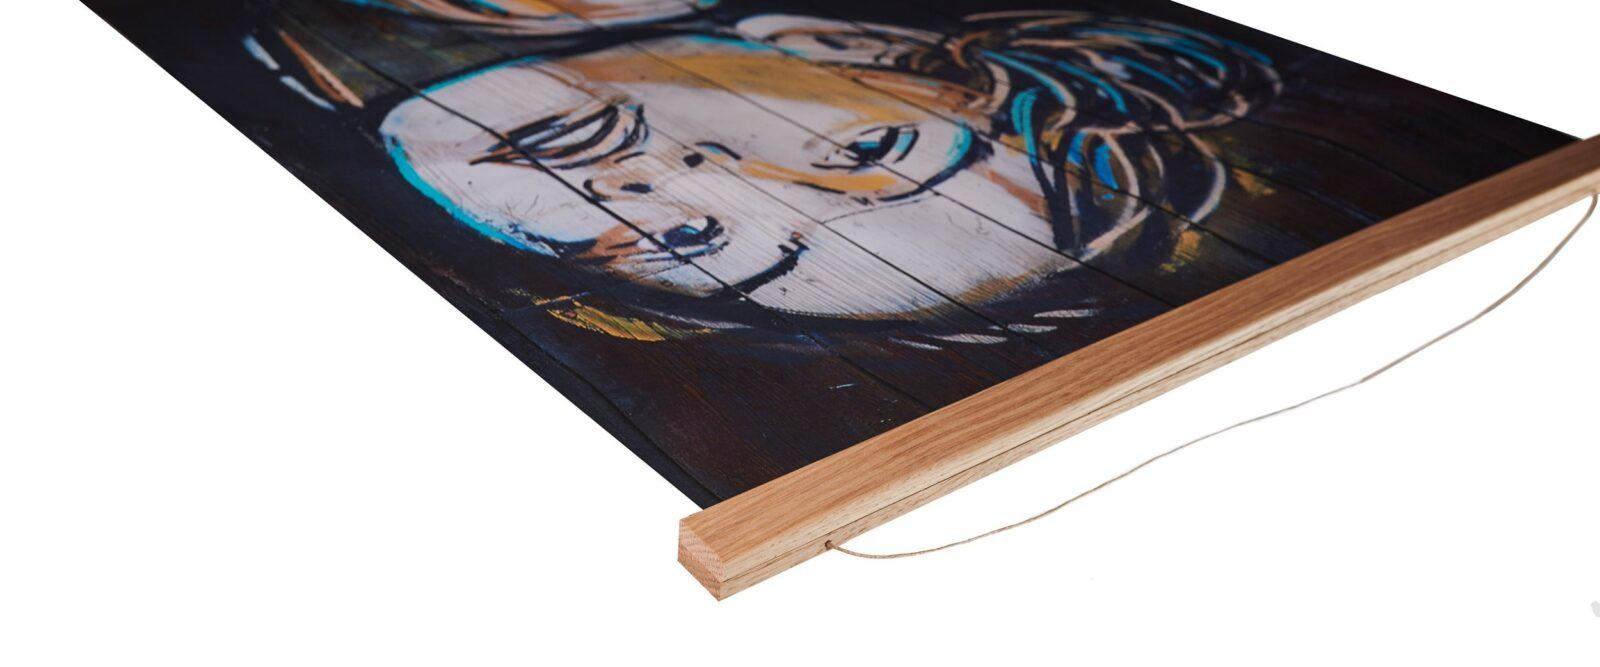 Lerretsplakat - Fotoplakat-posters på lerret